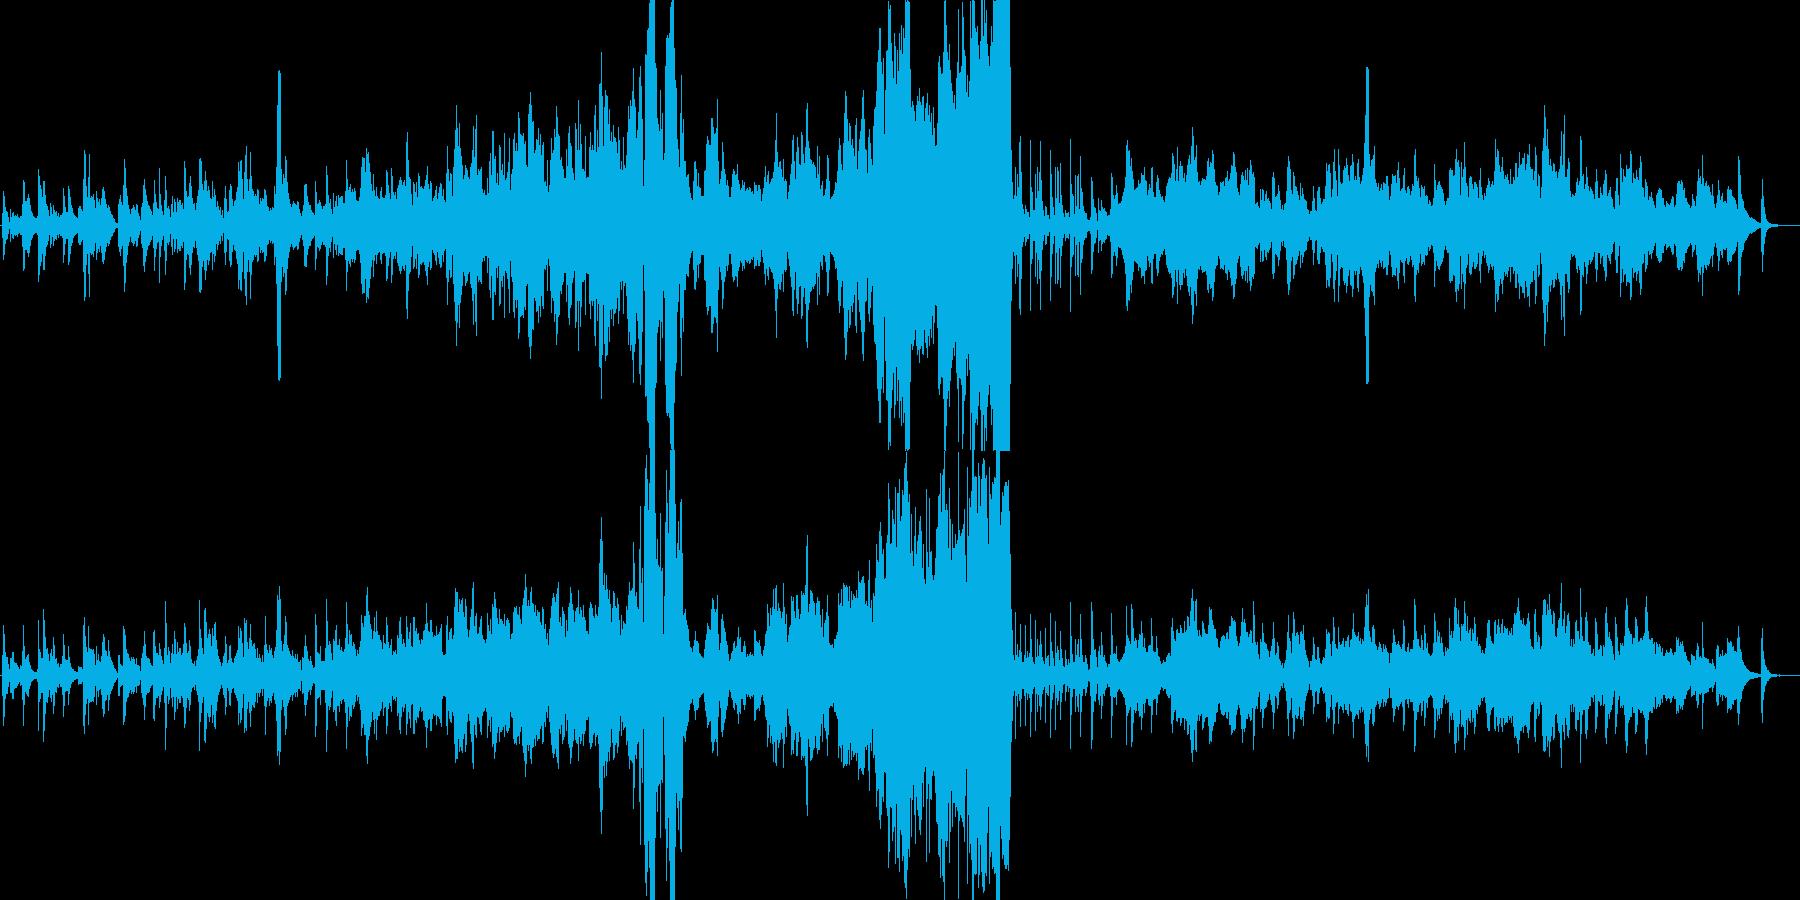 ハープとストリングスのまったり穏やか音楽の再生済みの波形